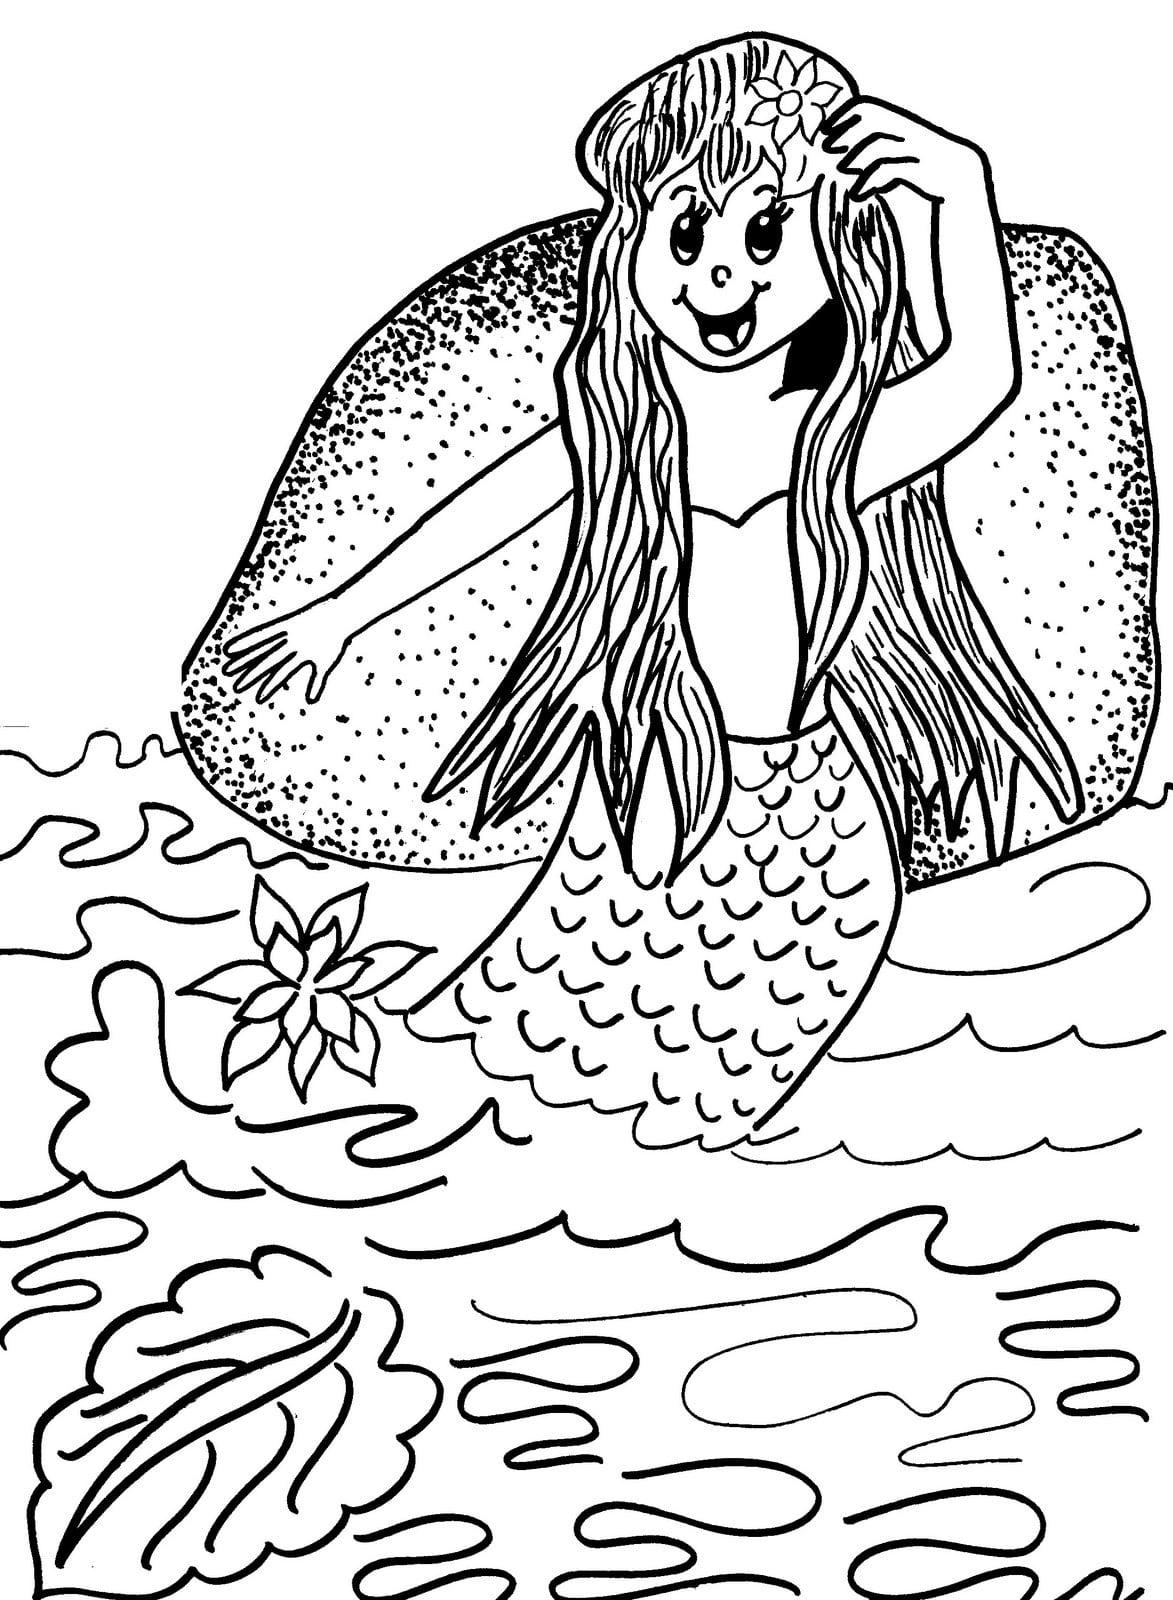 Desenho De Iara Folclore Brasileiro Para Colorir